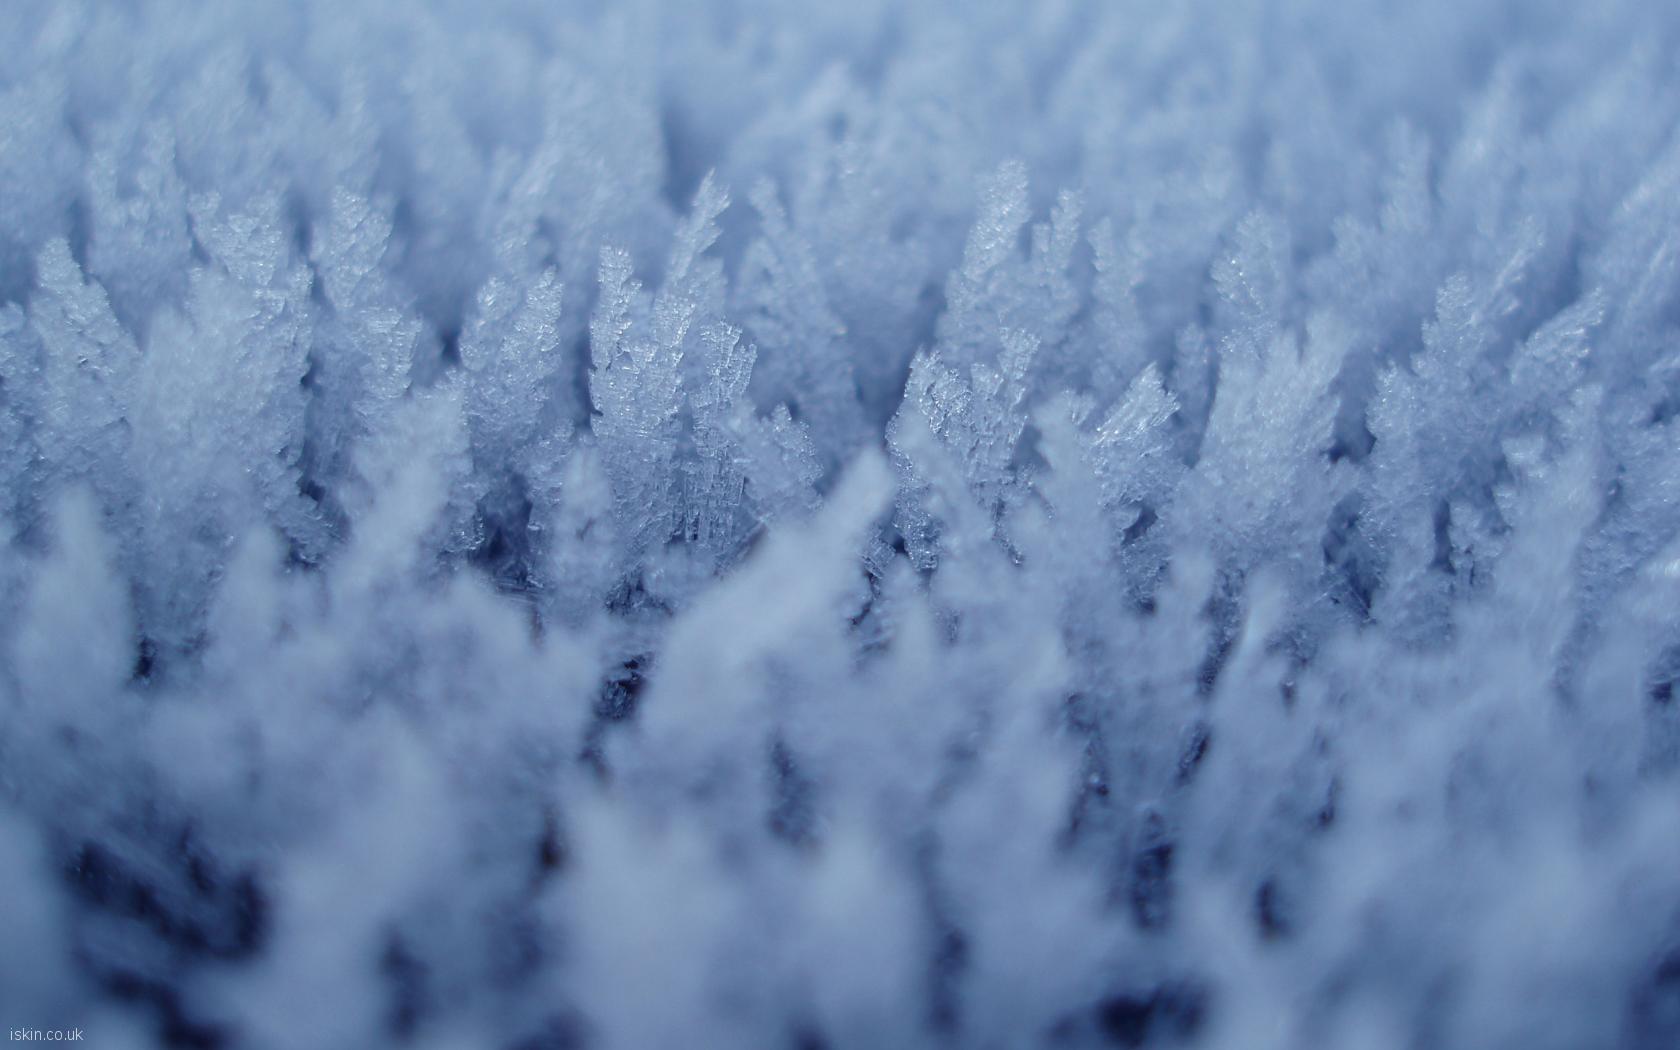 ice_fern_crystals.jpg